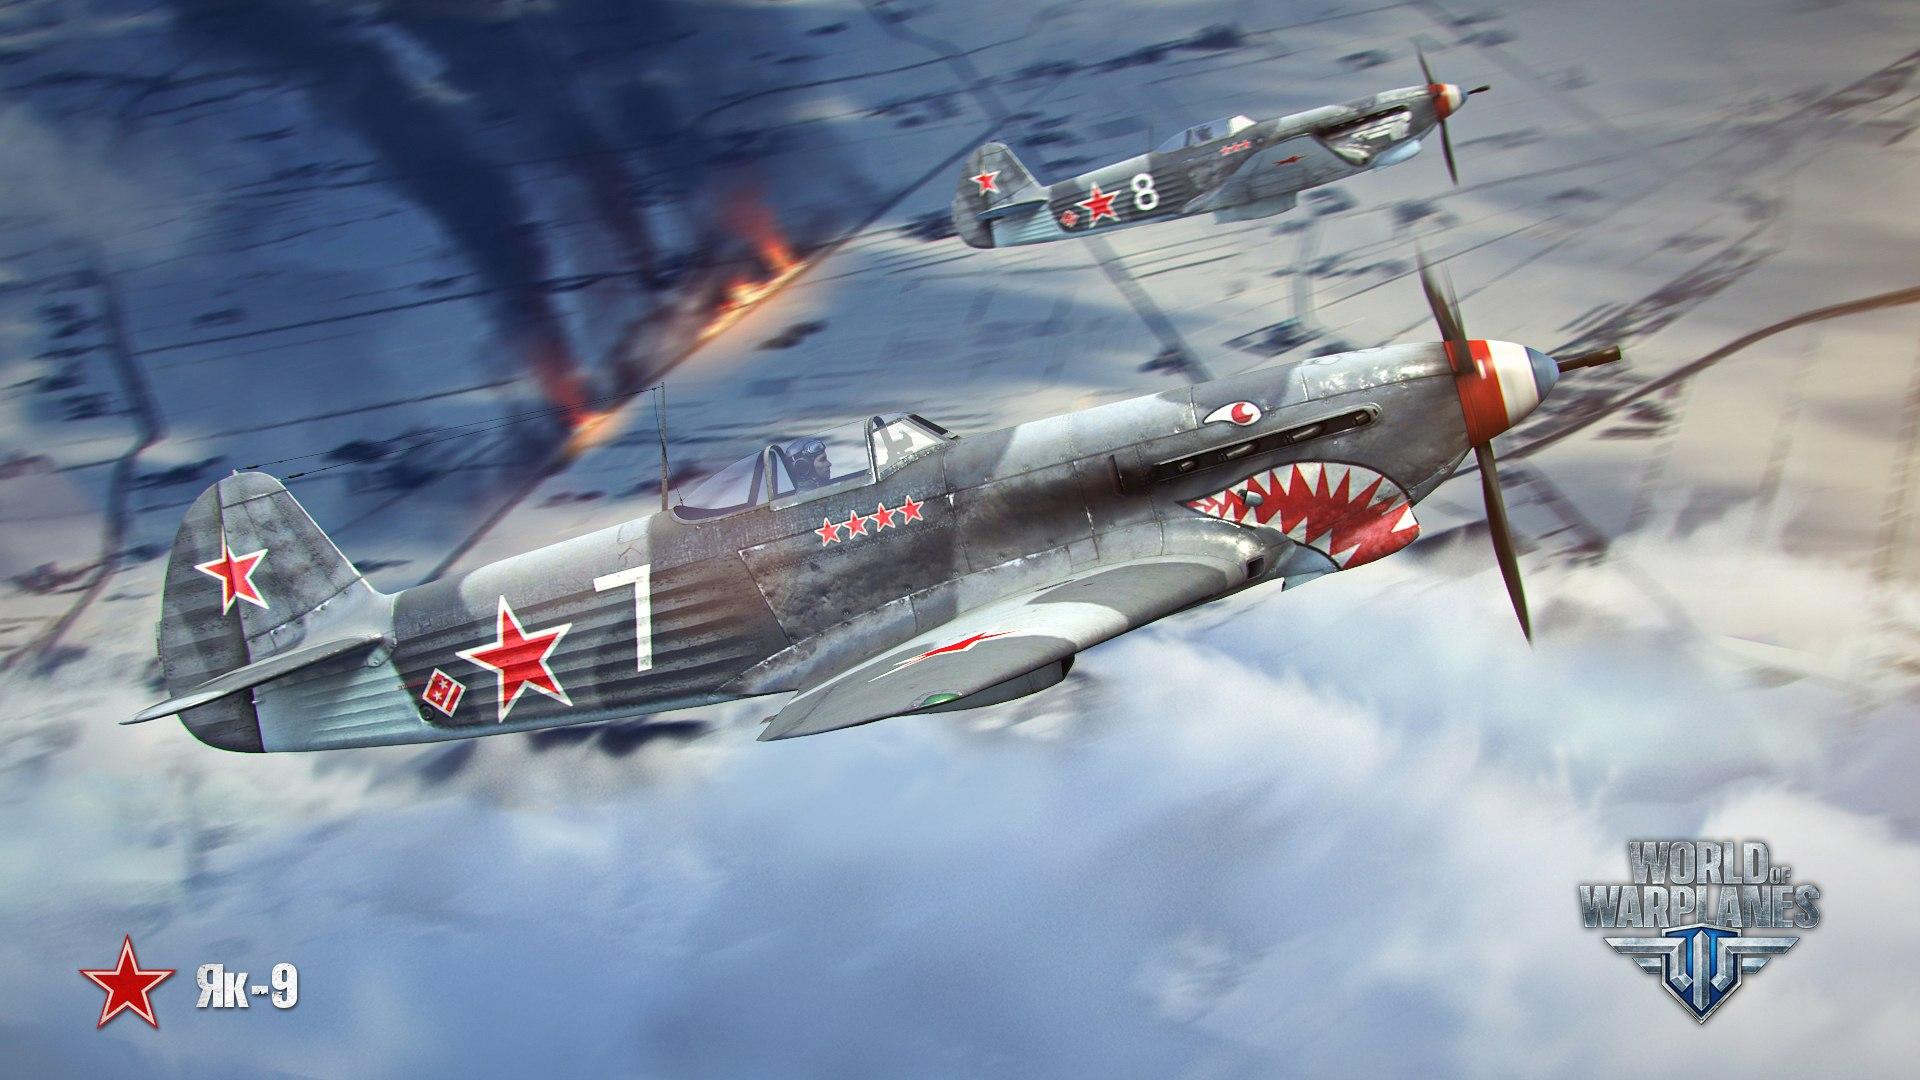 рисунок world of warplanes як-9